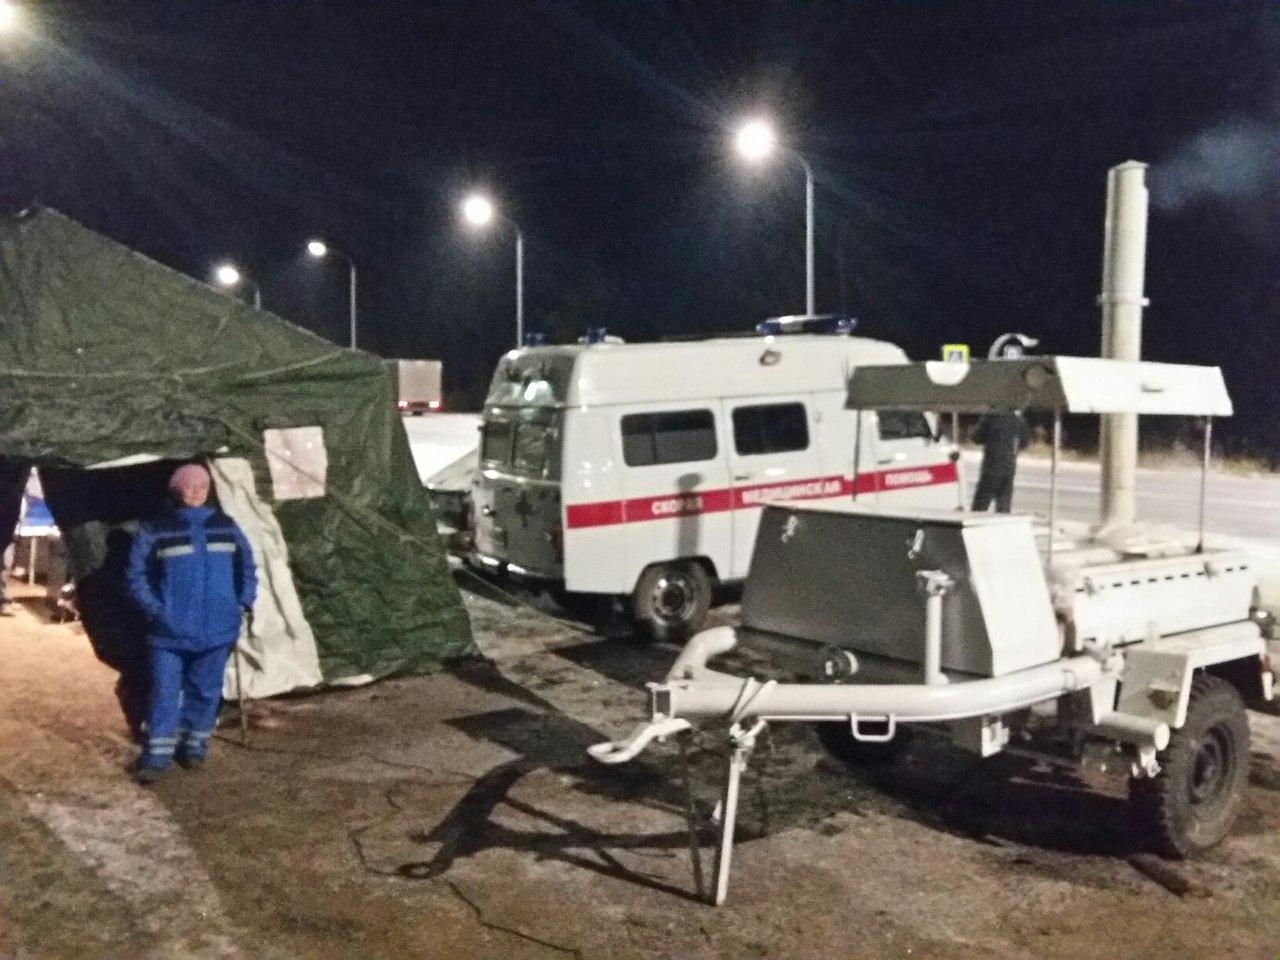 Передвижные пункты обогрева не понадобились в Коми во время морозов